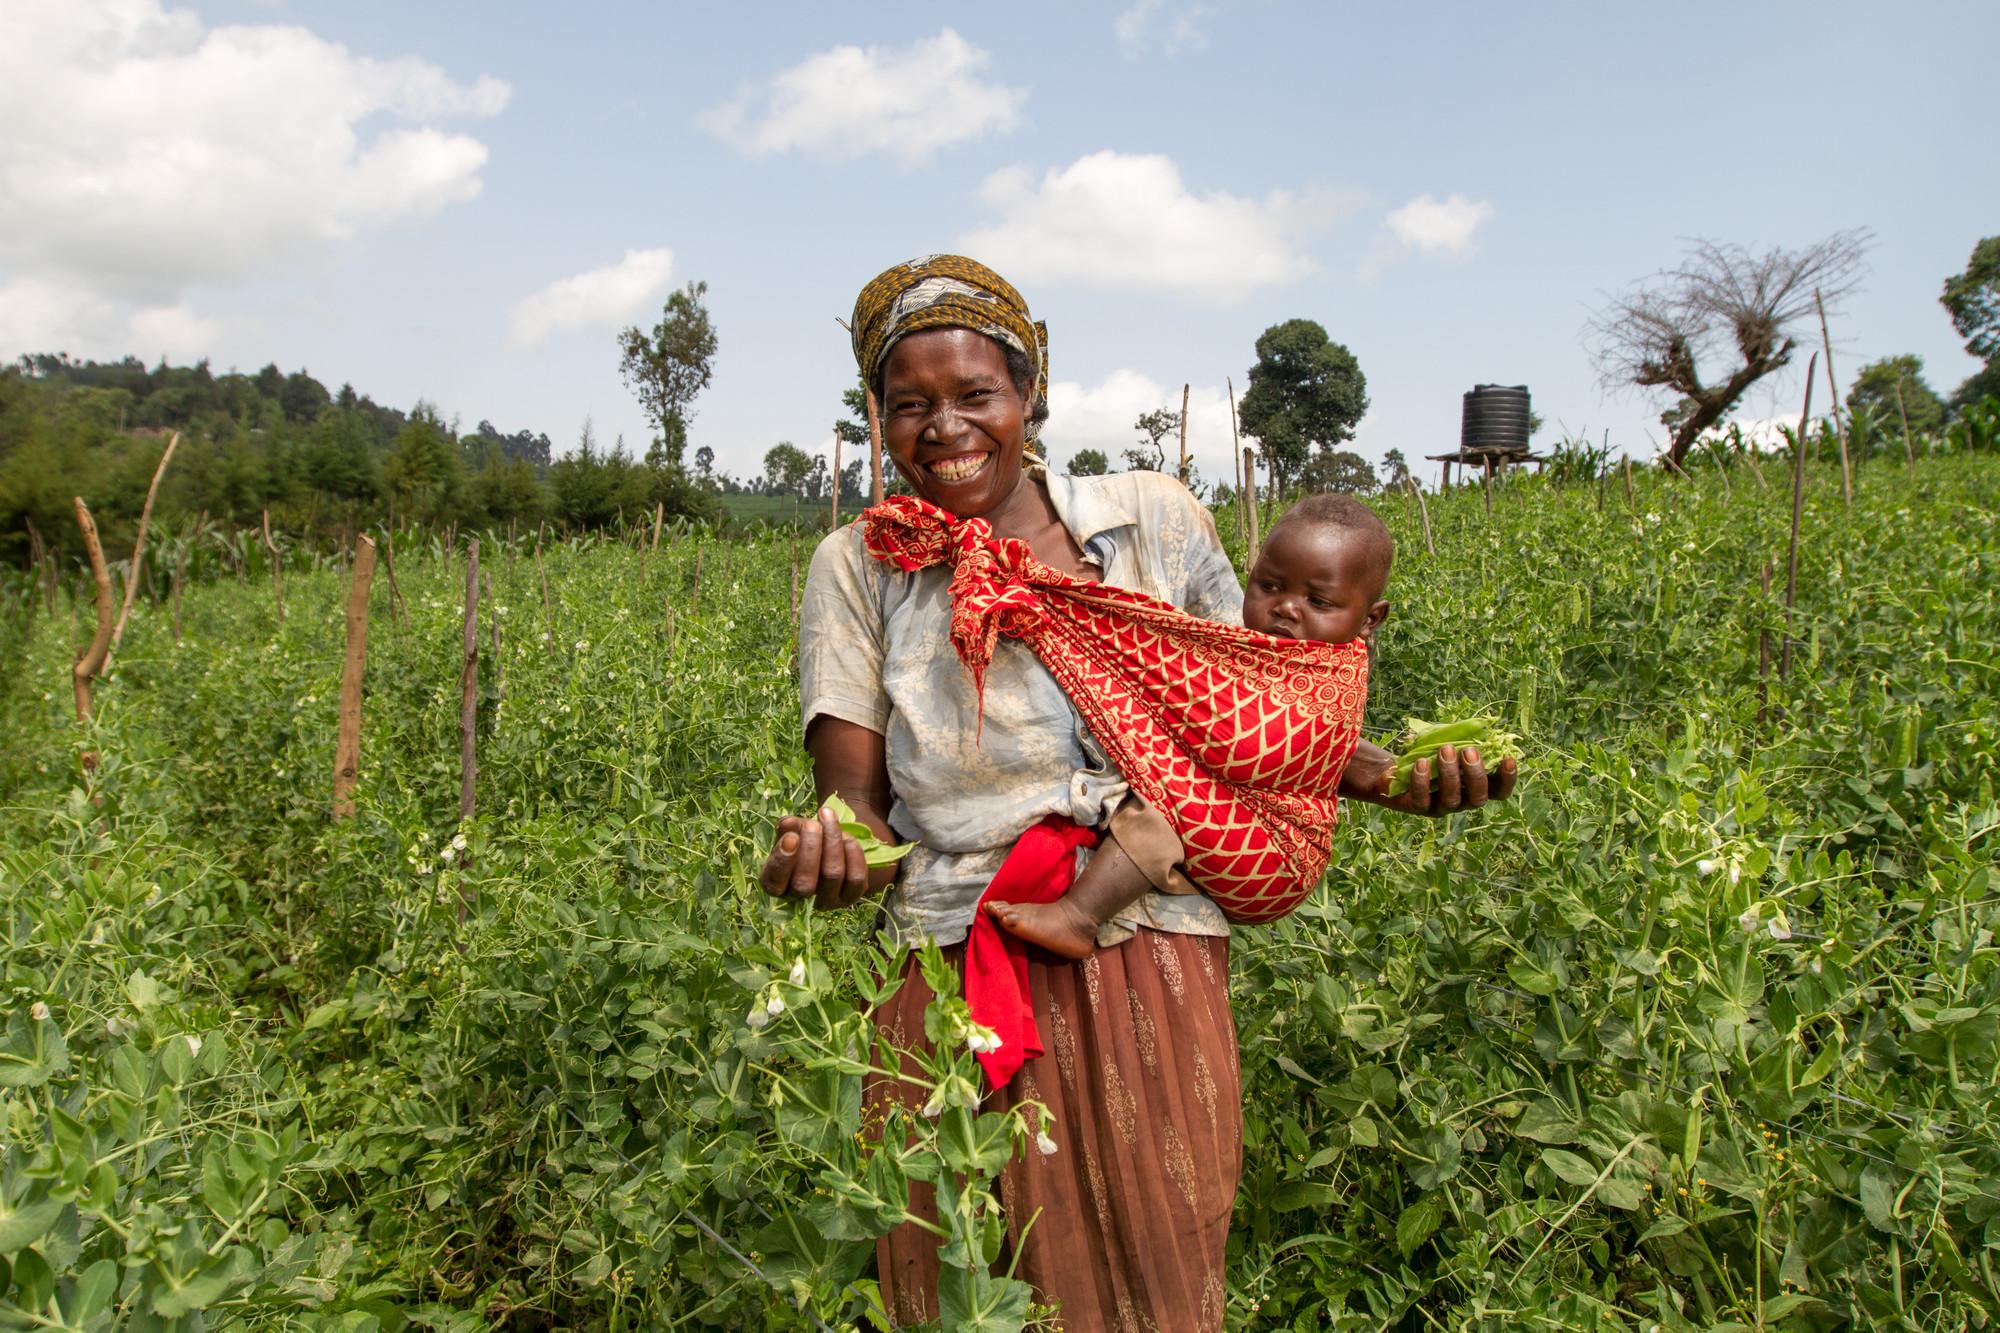 Western Kenya woman with baby Farm Africa.jpg